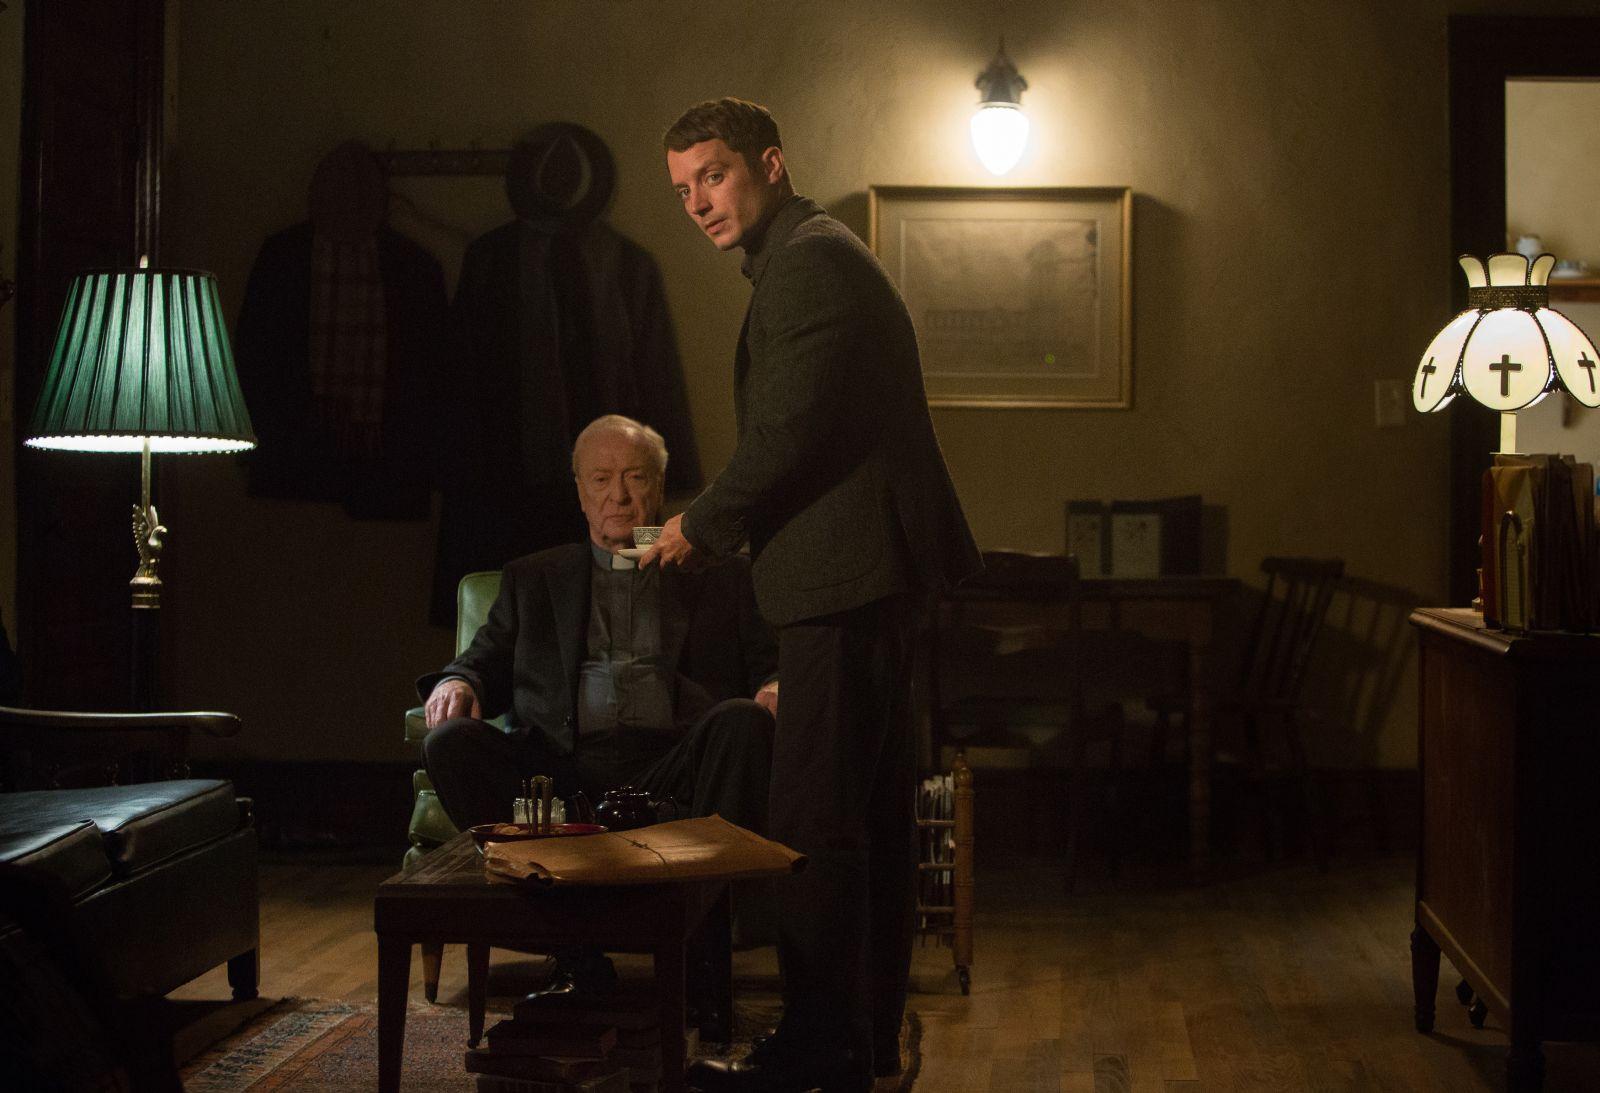 The Last Witch Hunter - L'ultimo cacciatore di streghe: Elijah Wood e Michael Caine in una scena del film